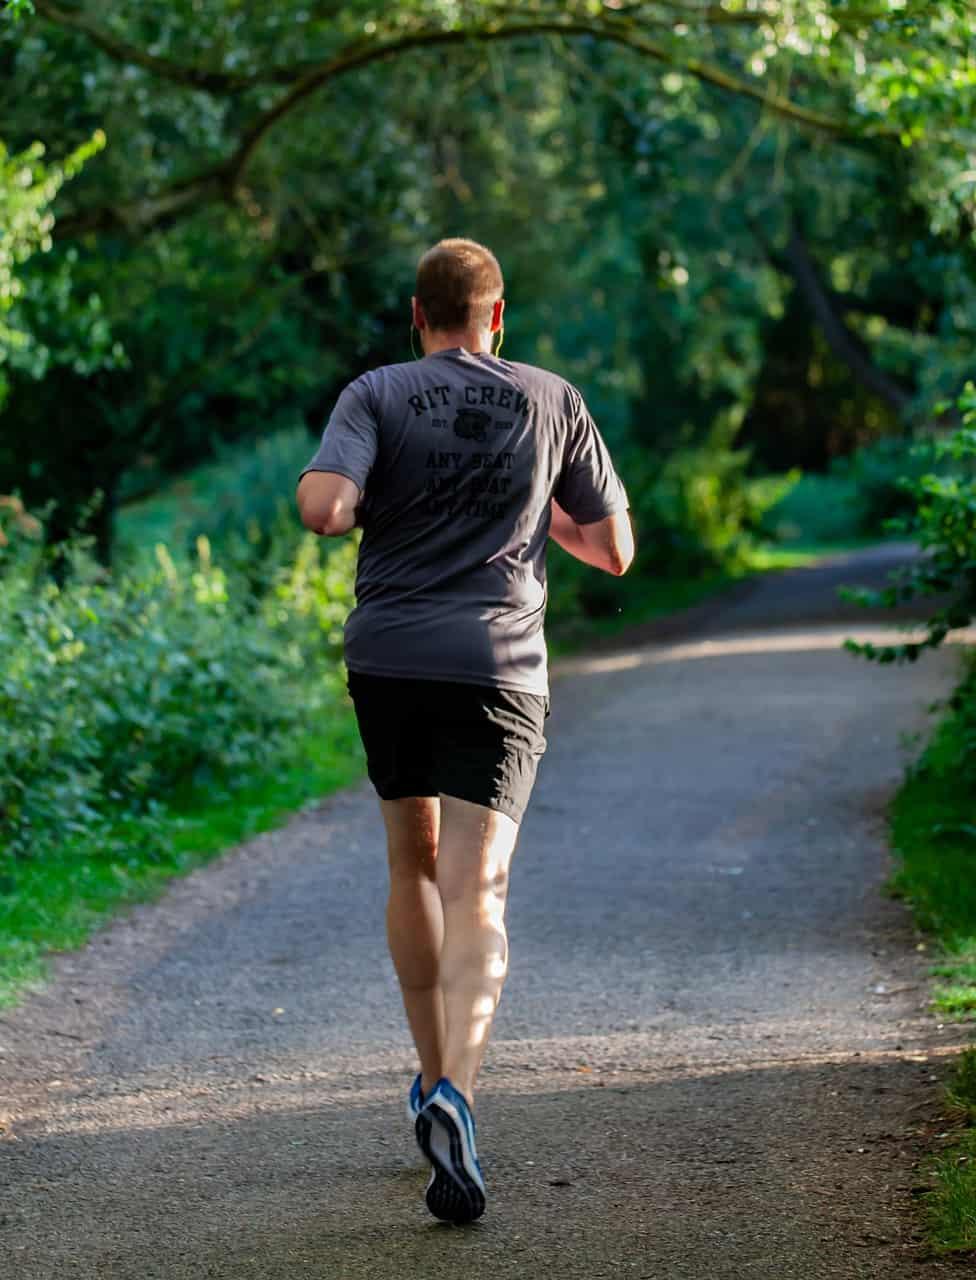 Άσκηση με άδειο στομάχι